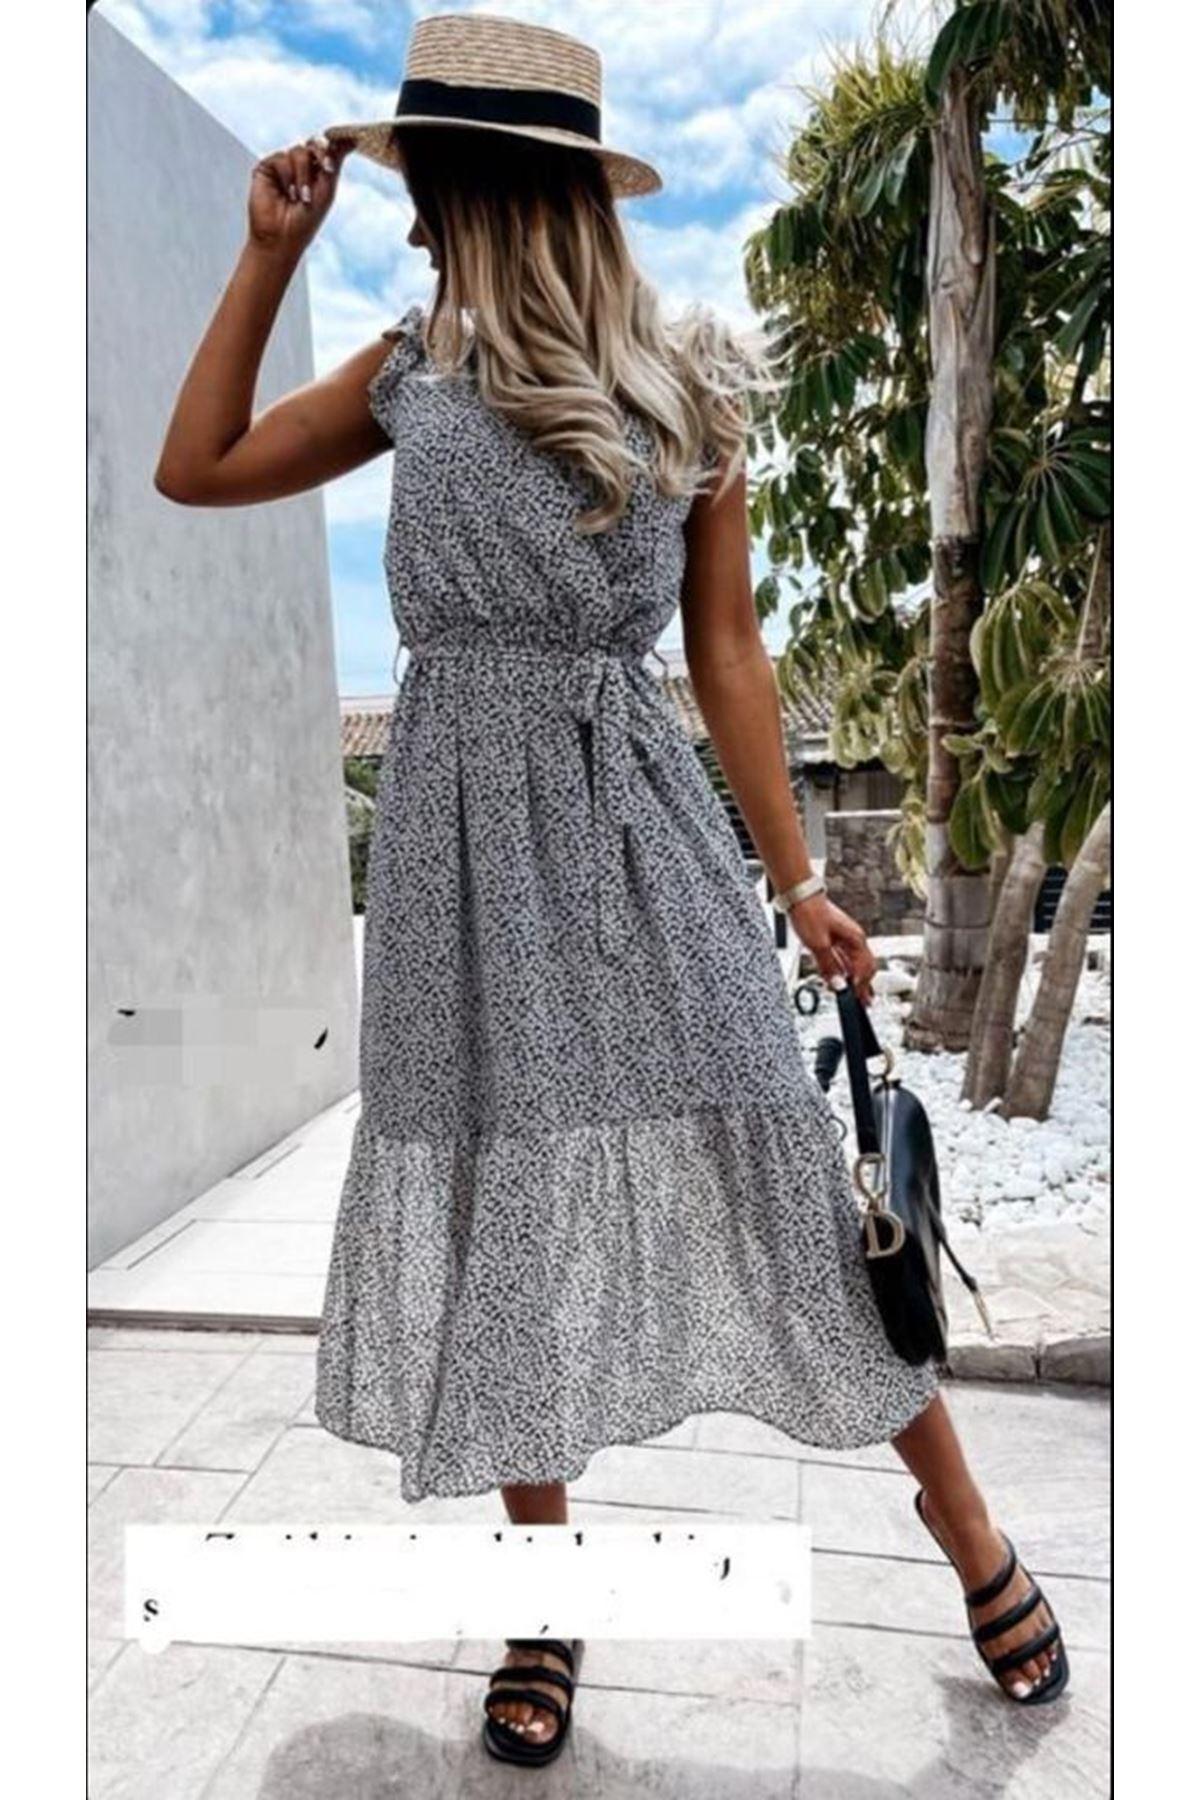 Çıtır Desenli Astarlı Şifon Elbise - FÜME